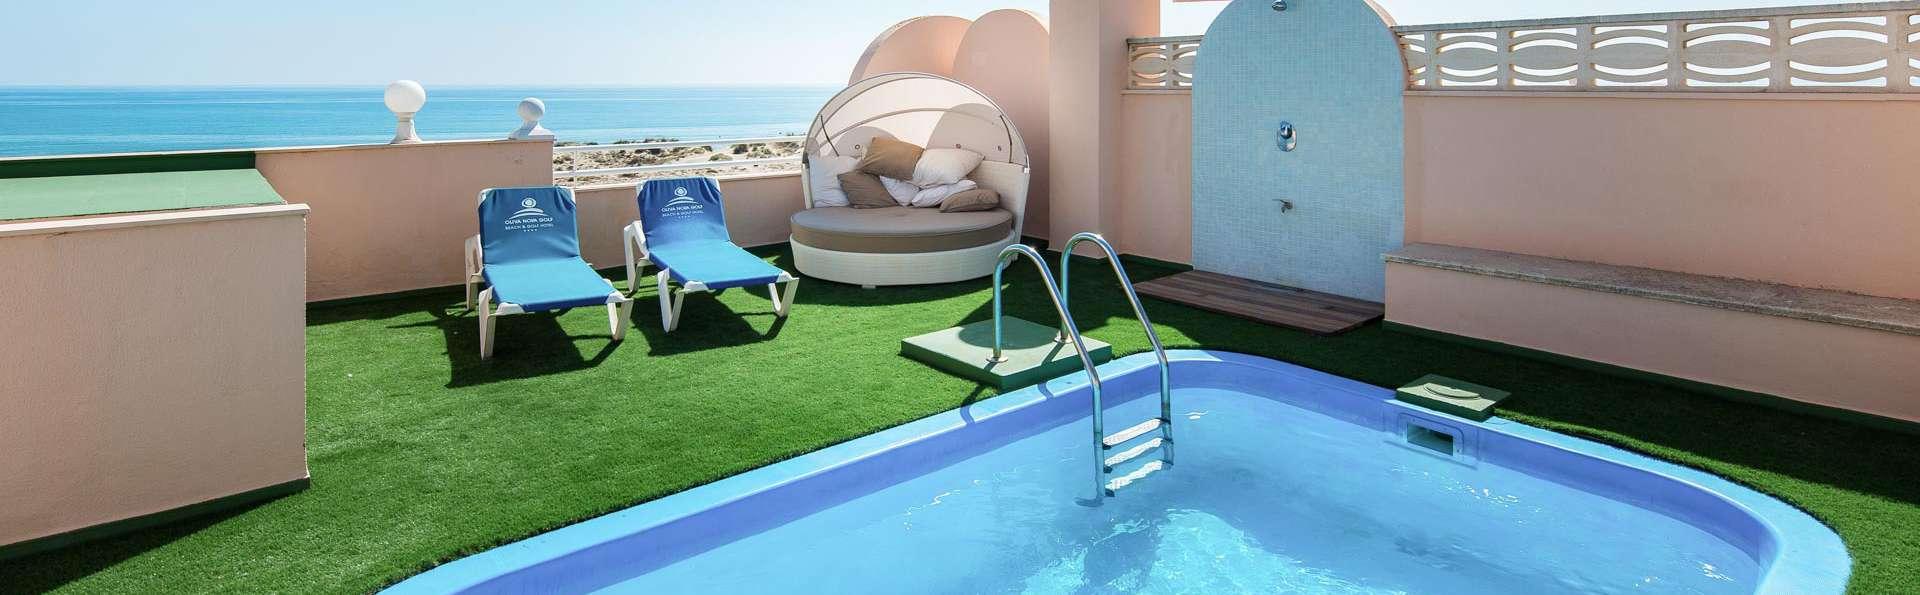 Luxe et détente: suite avec piscine privée et spa à Oliva, Valence ( 2 enfants gratuits)